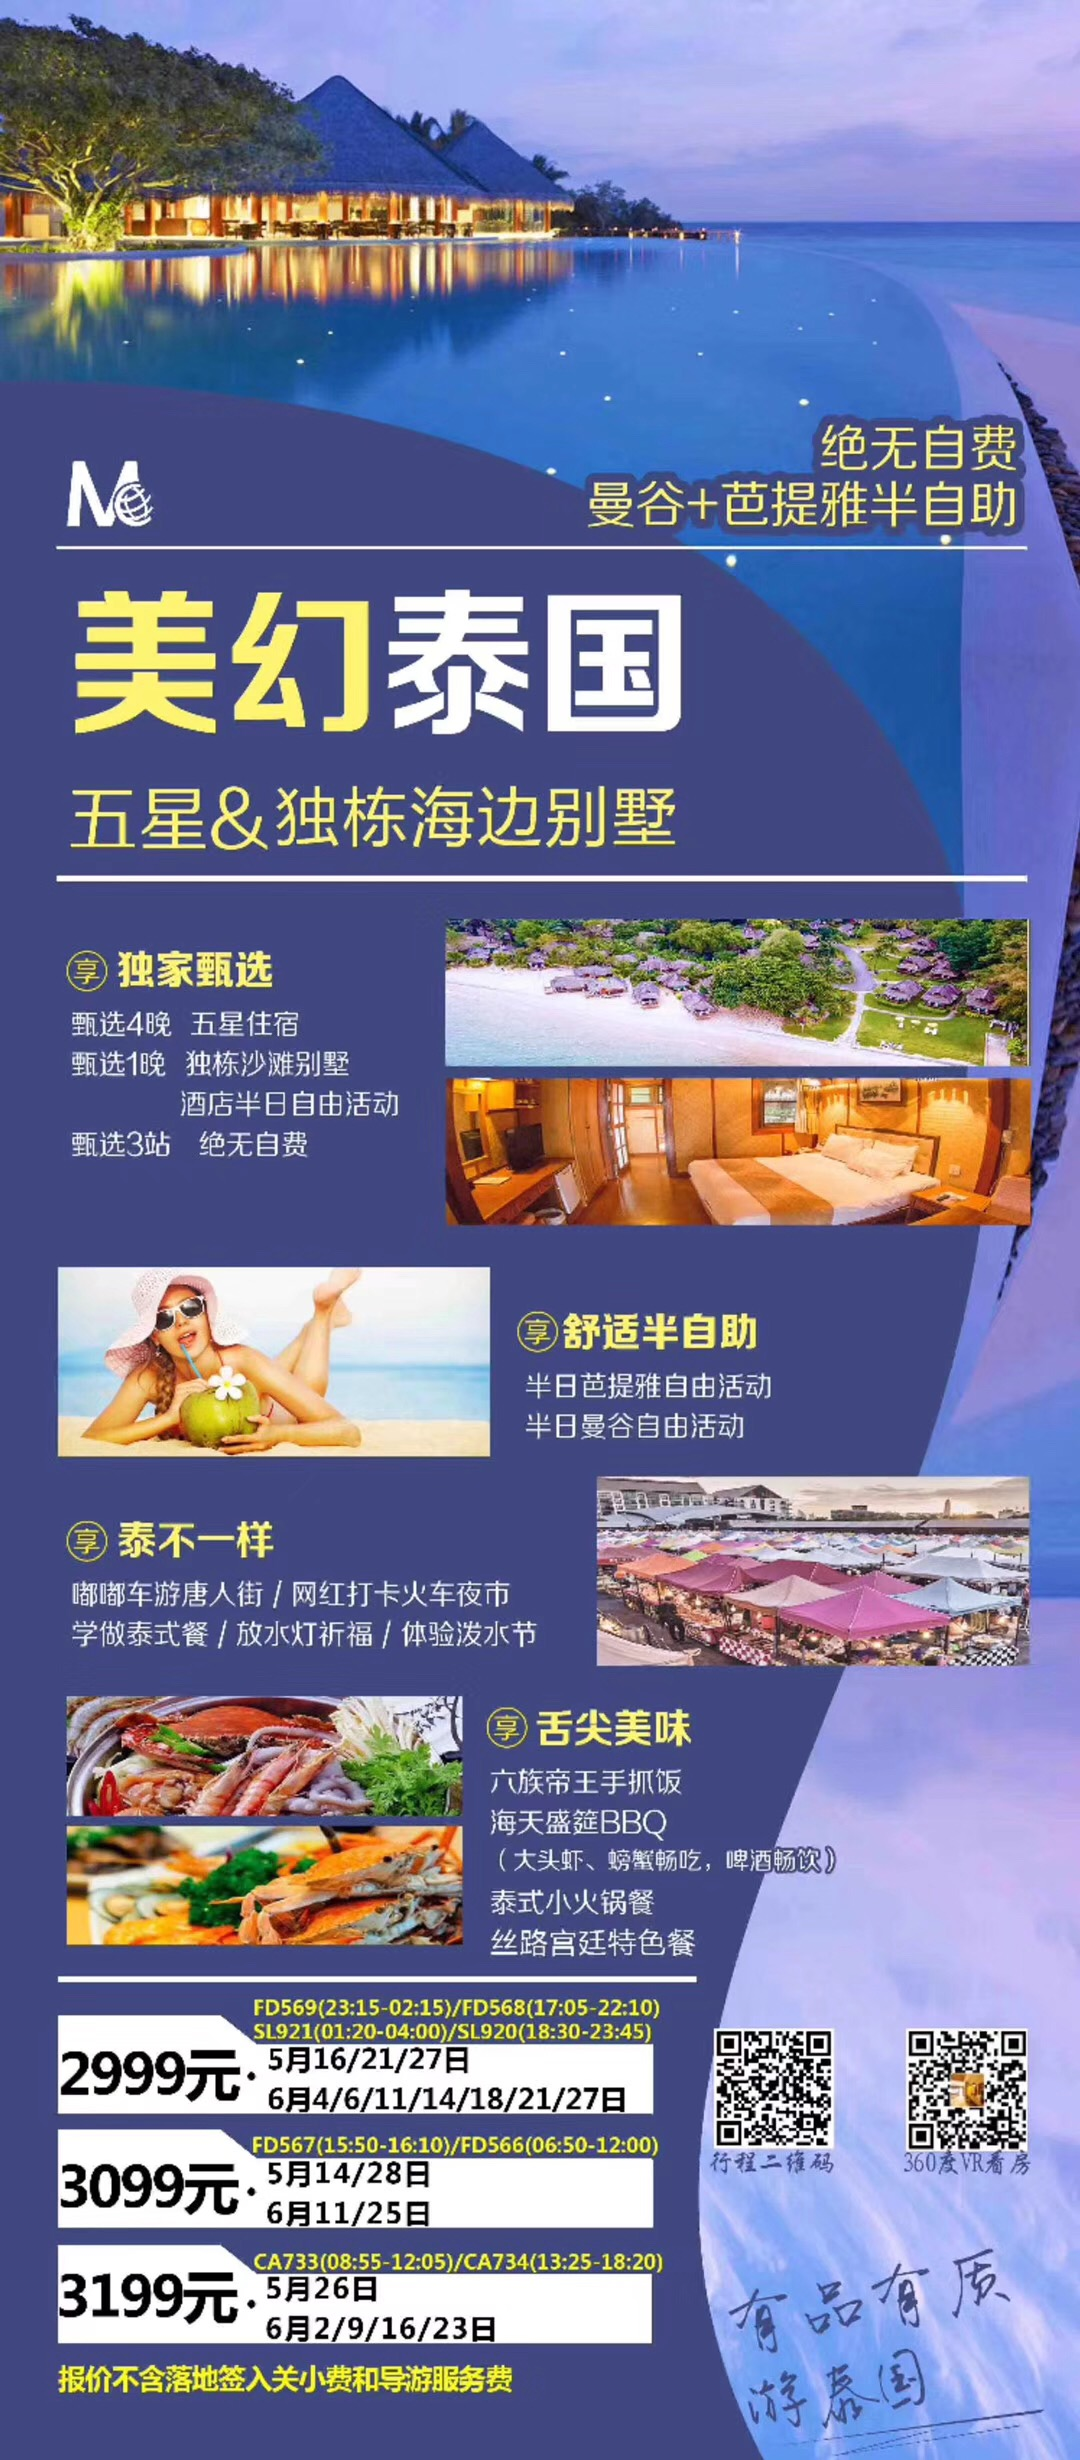 5-6月梦幻泰国五星独栋海边别墅6日游